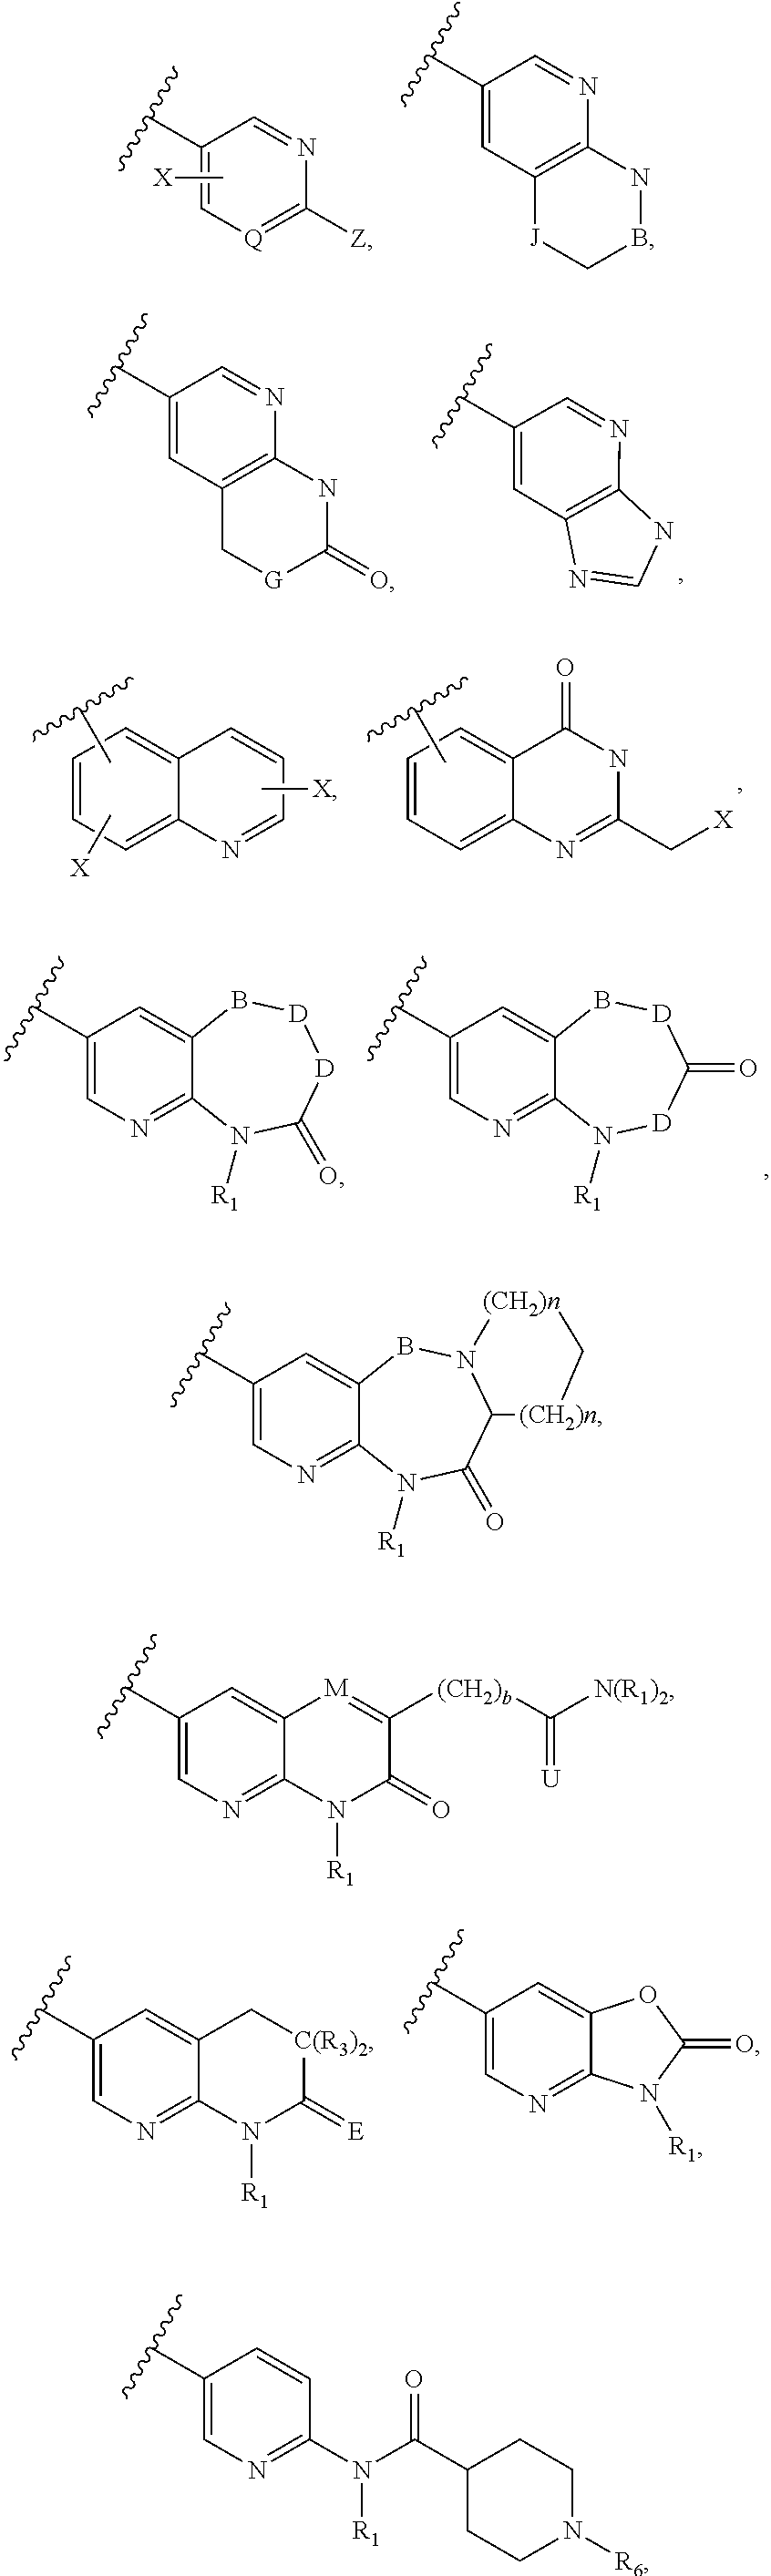 Figure US07879872-20110201-C00016